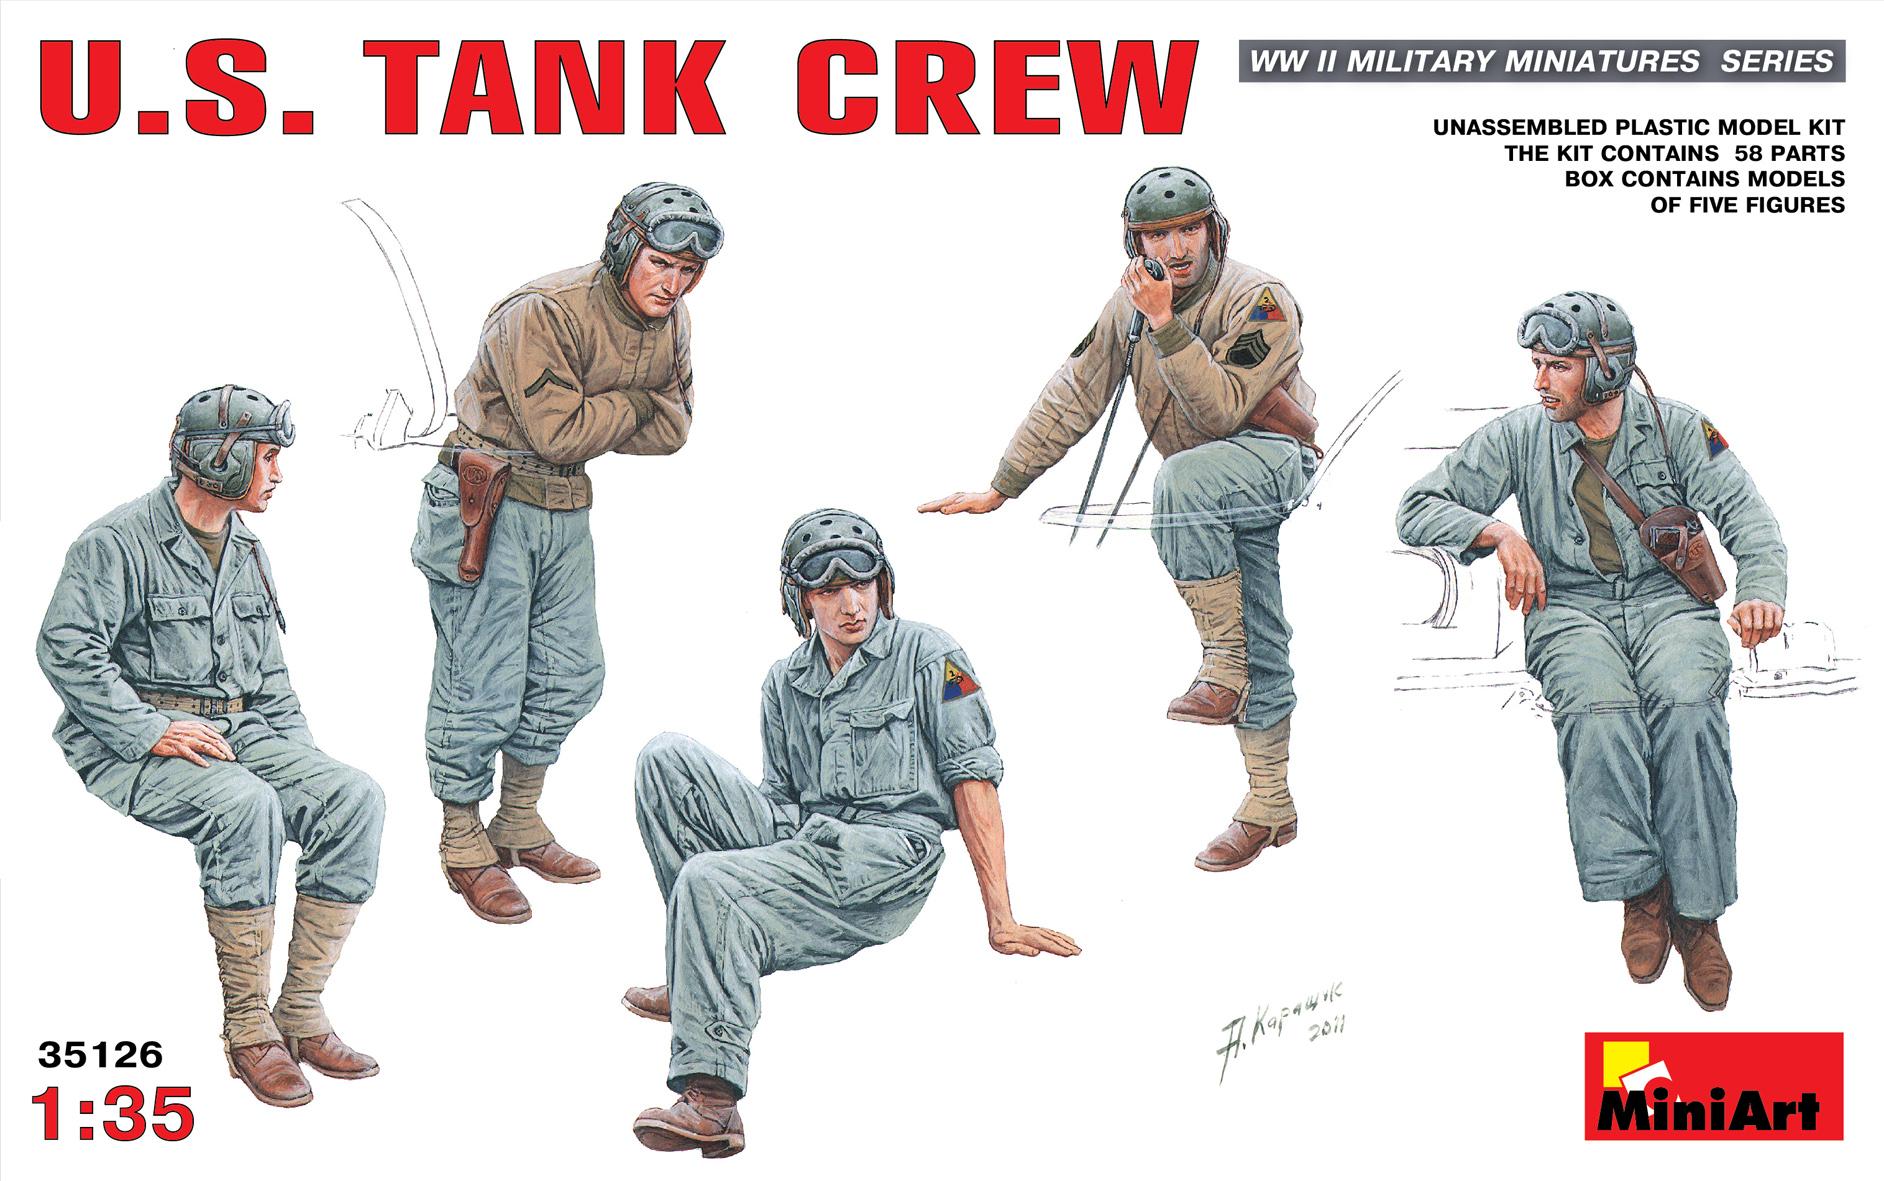 35126アメリカ戦車兵フィギュアセット5体入